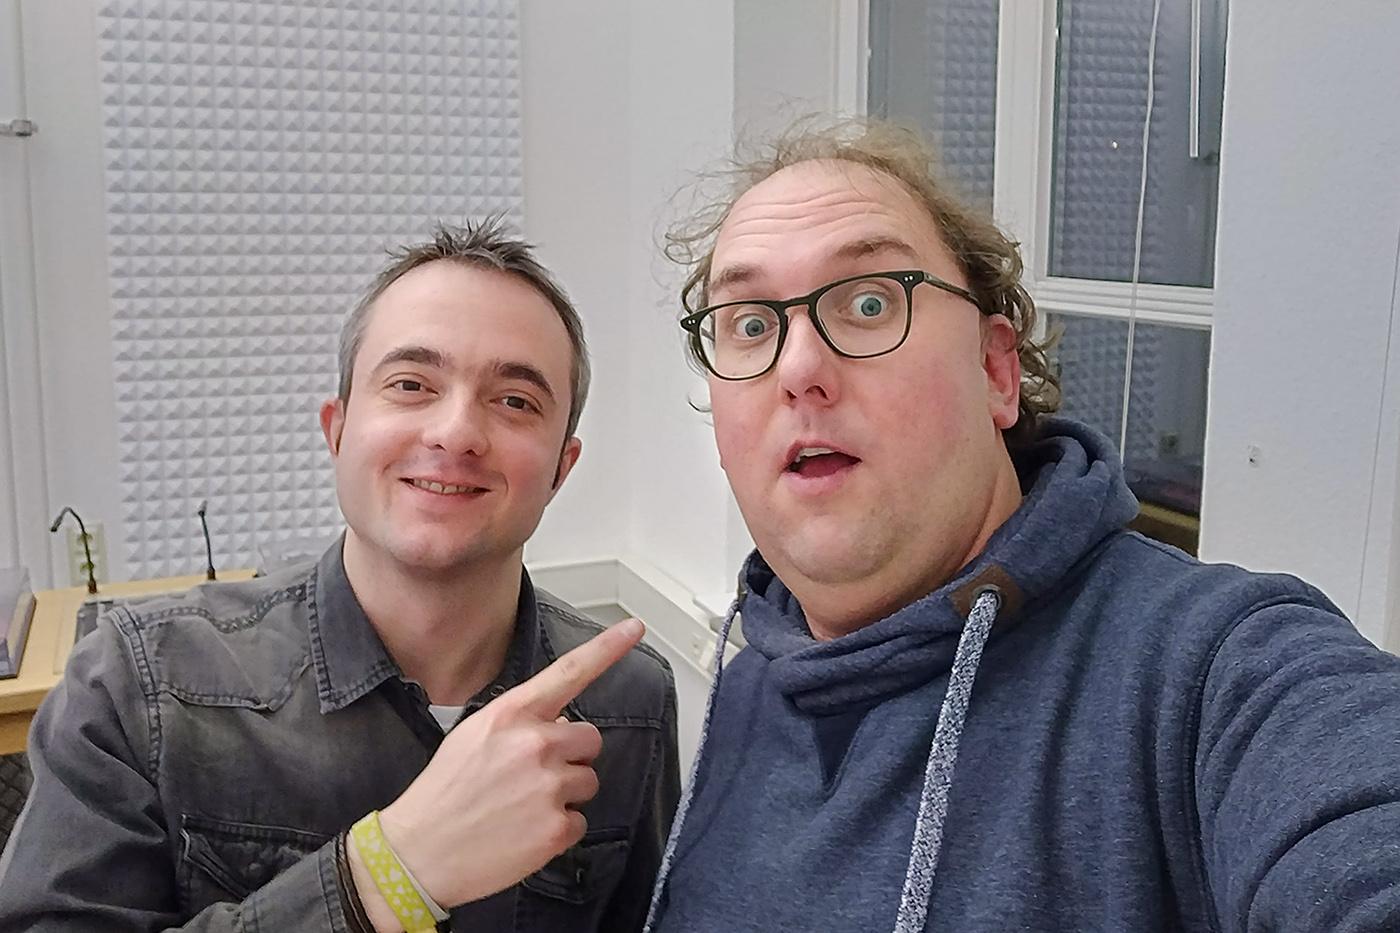 Markus Hörster und Christian Cordes im Studio von Radio Okerwelle in Braunschweig